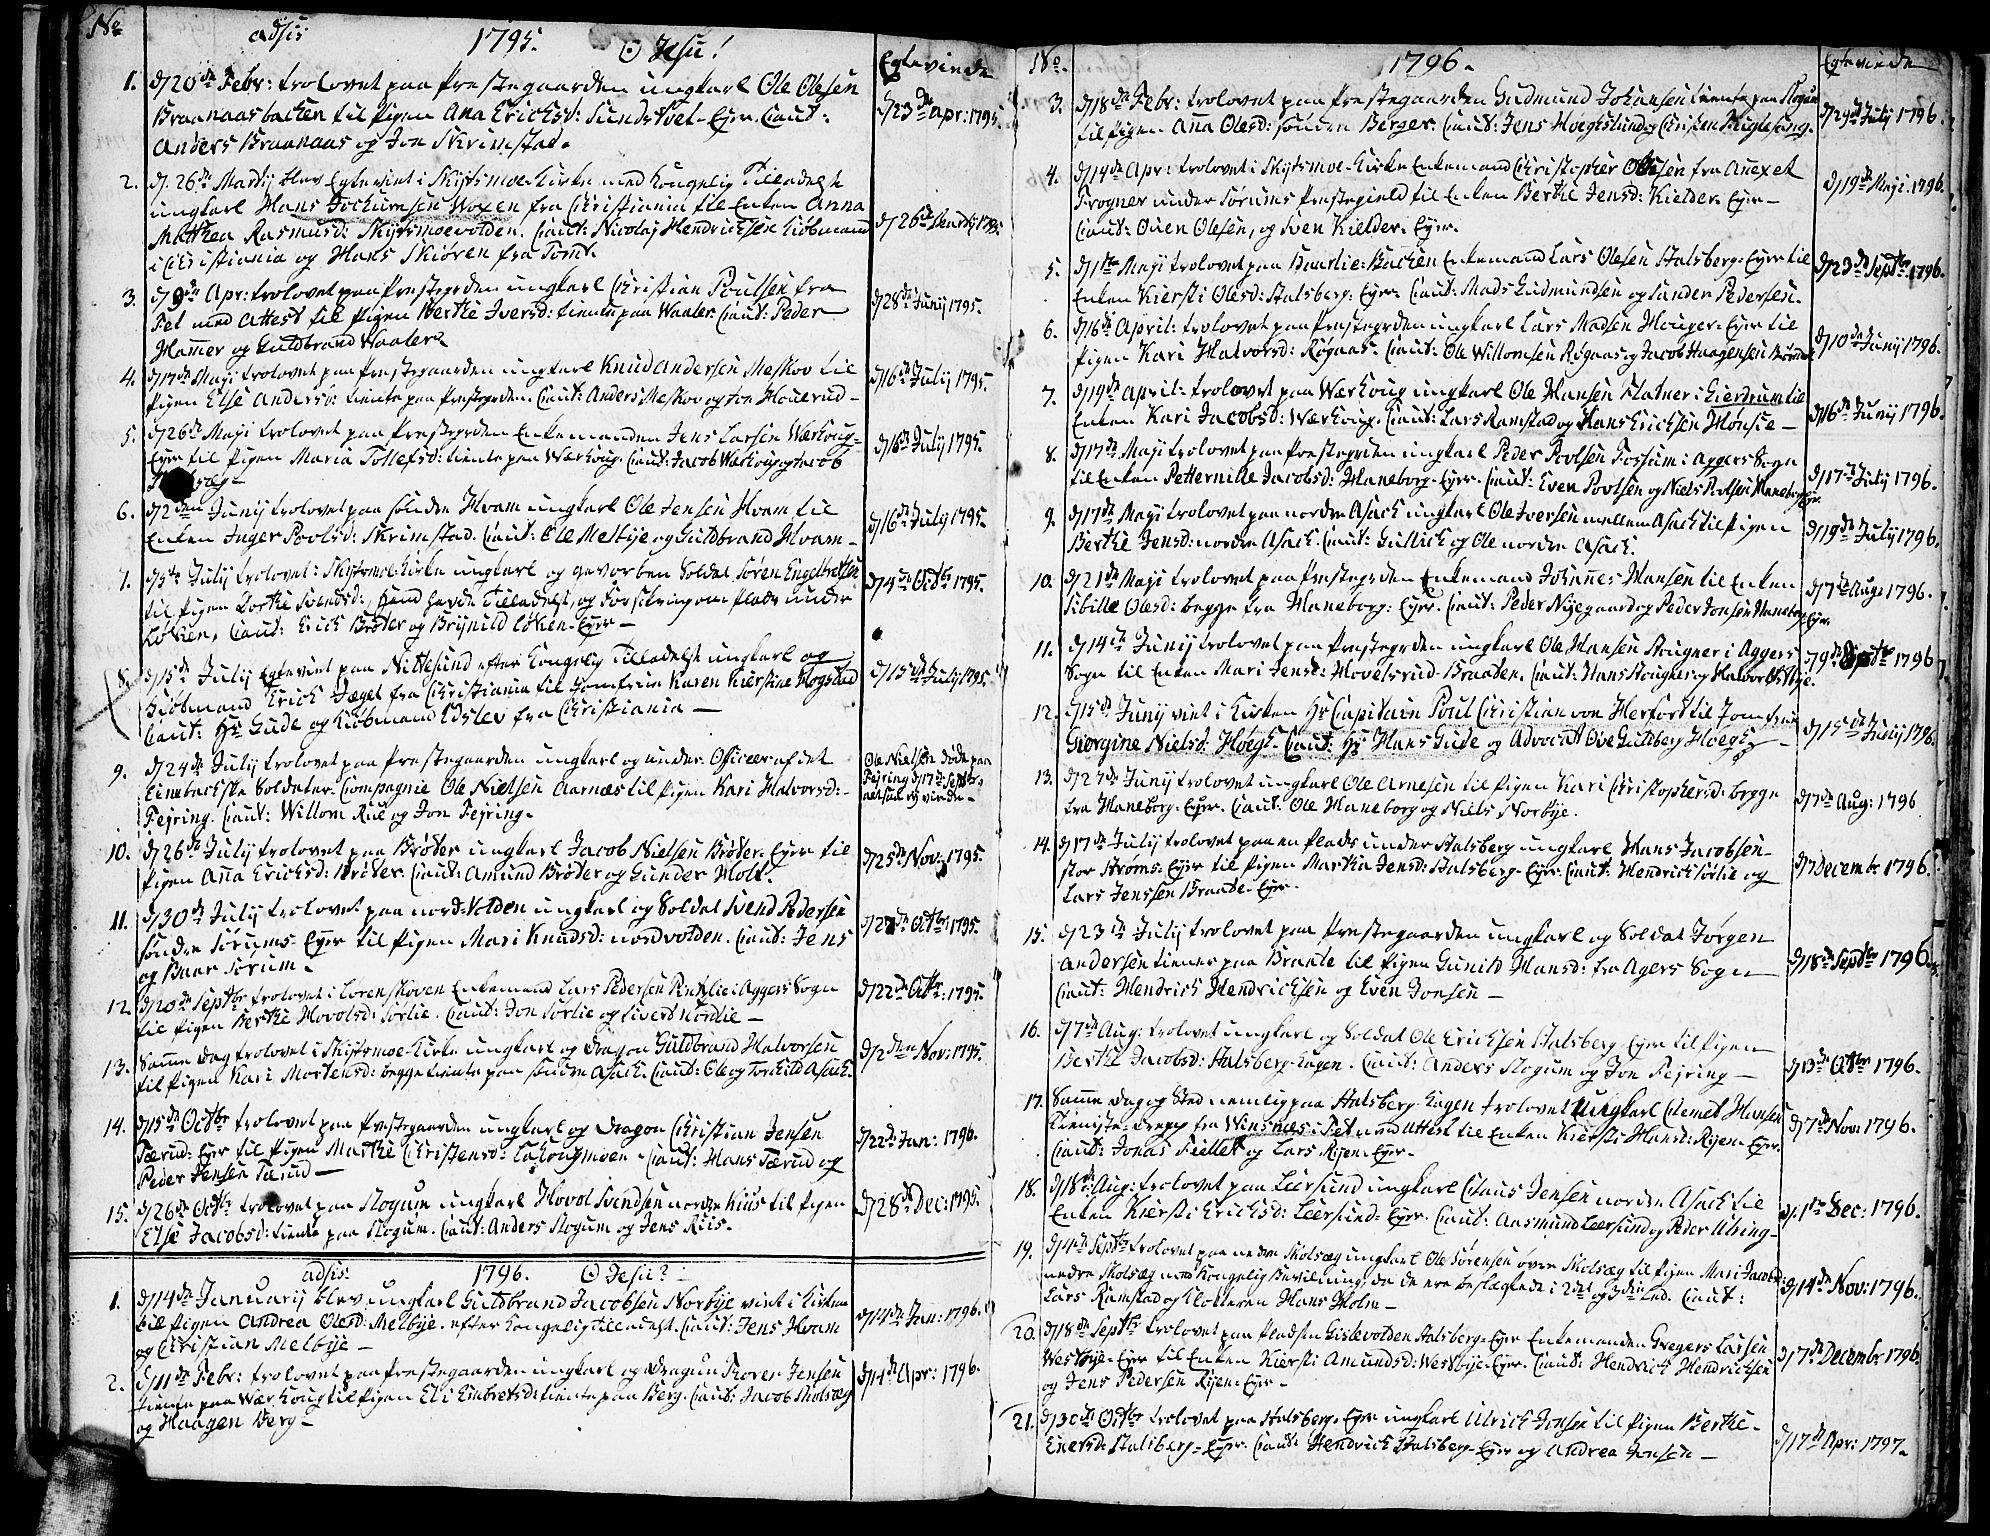 SAO, Skedsmo prestekontor Kirkebøker, F/Fa/L0006: Ministerialbok nr. I 6, 1767-1807